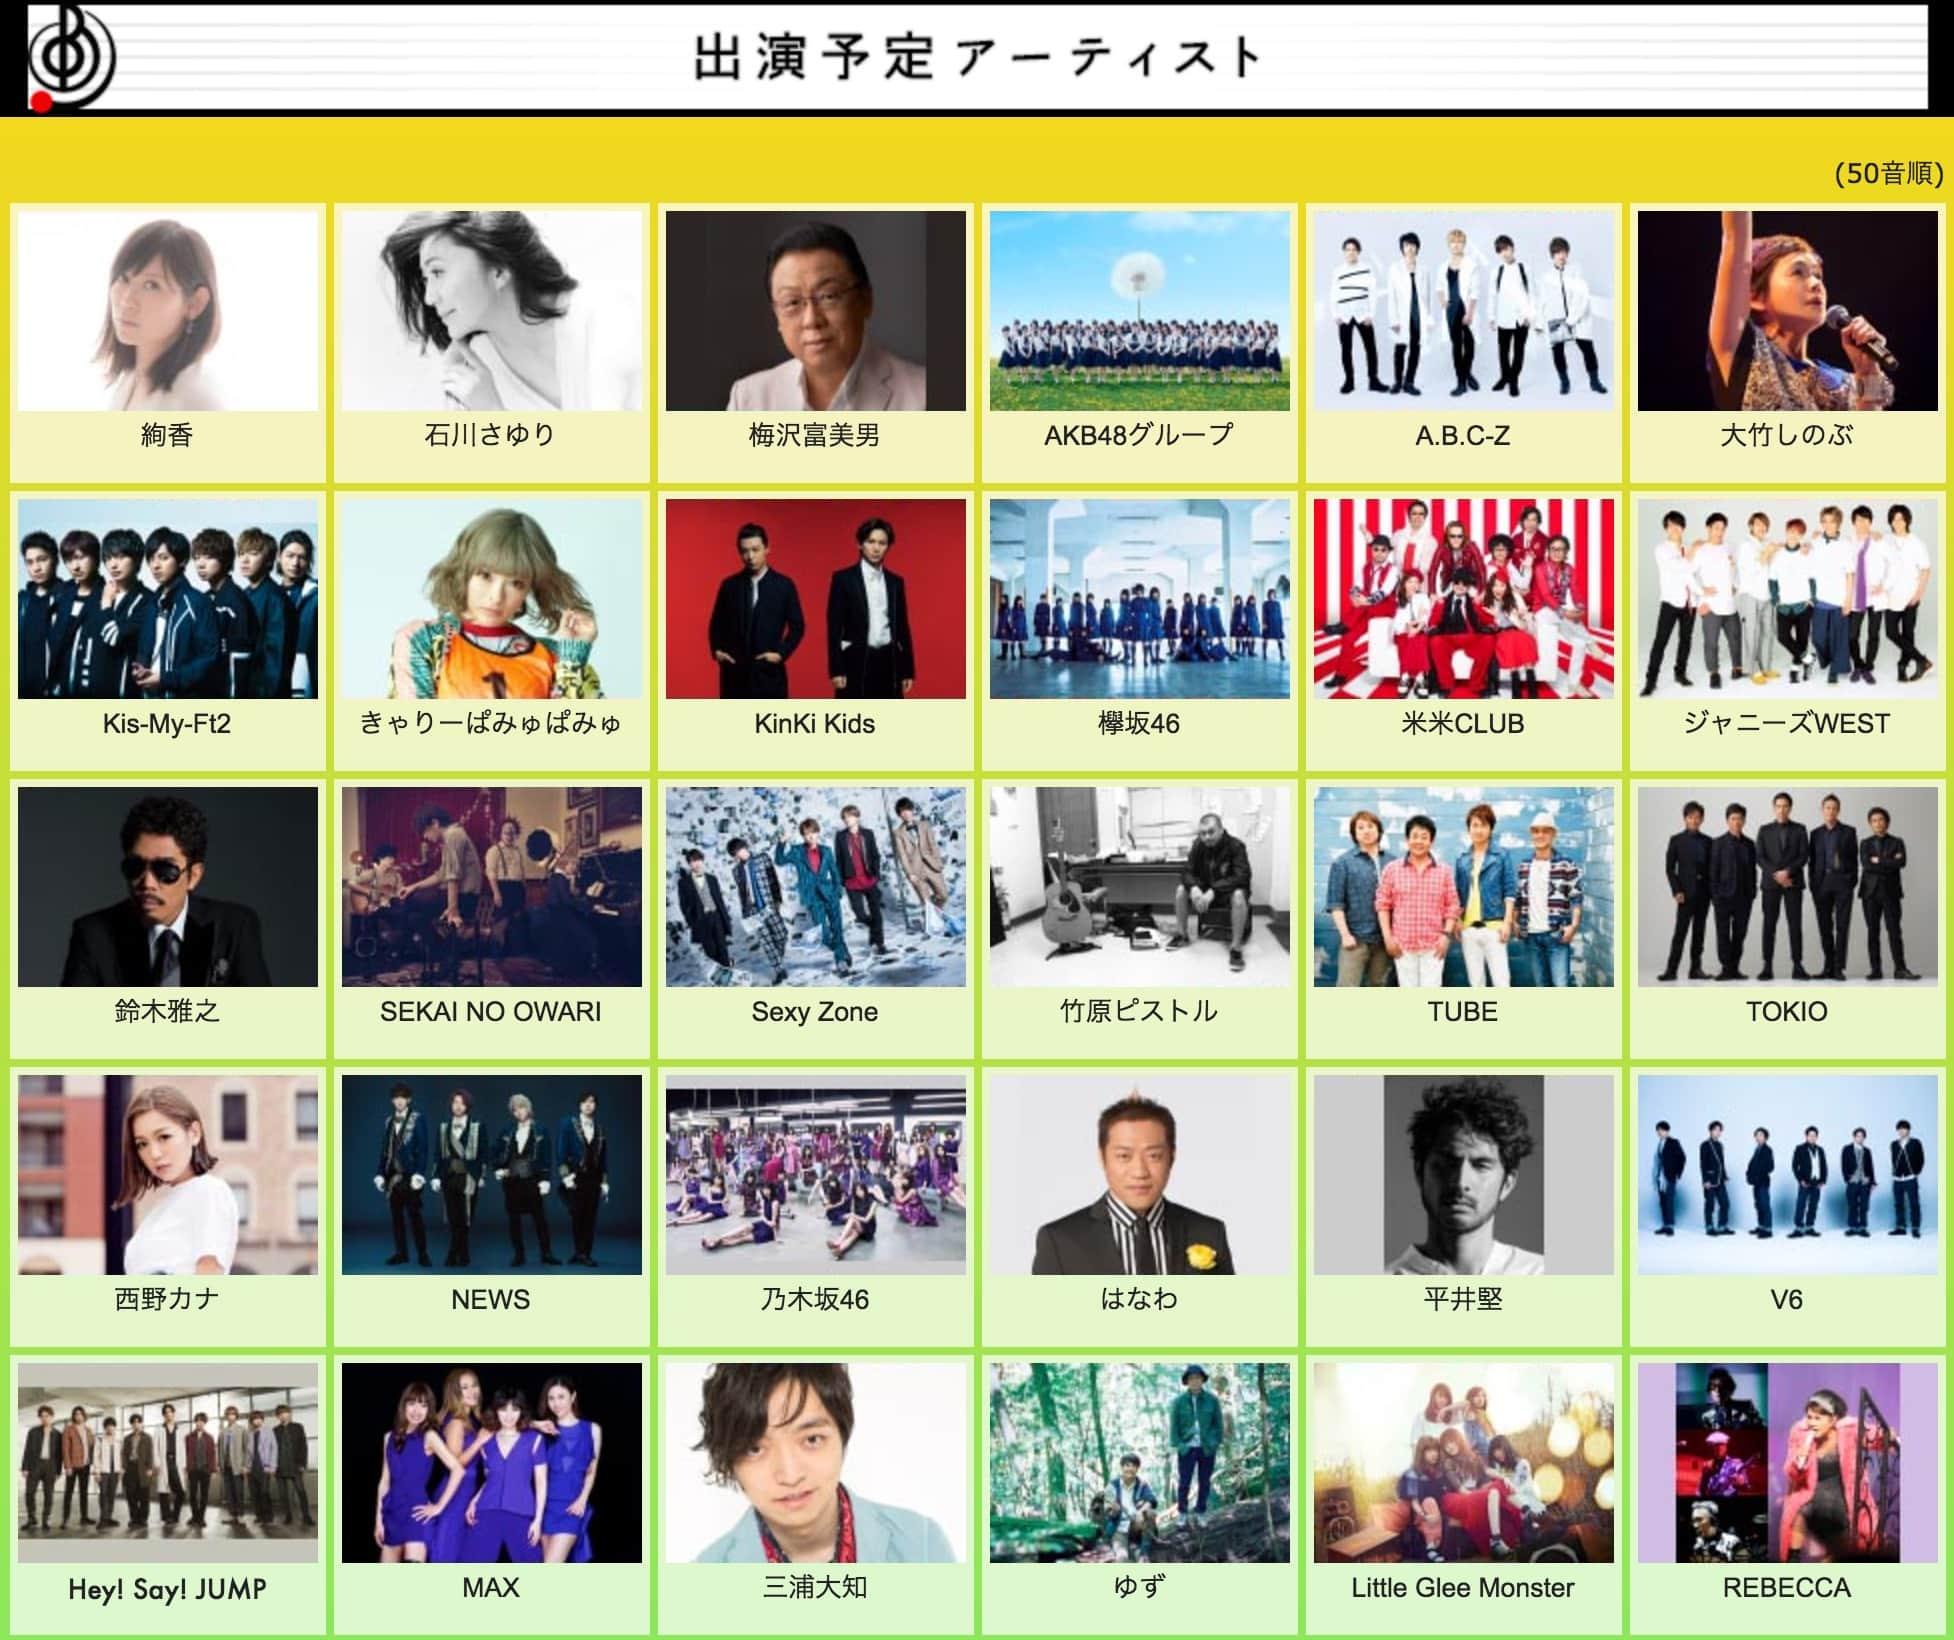 欅坂46】7/15放送 TBS音楽特番『...